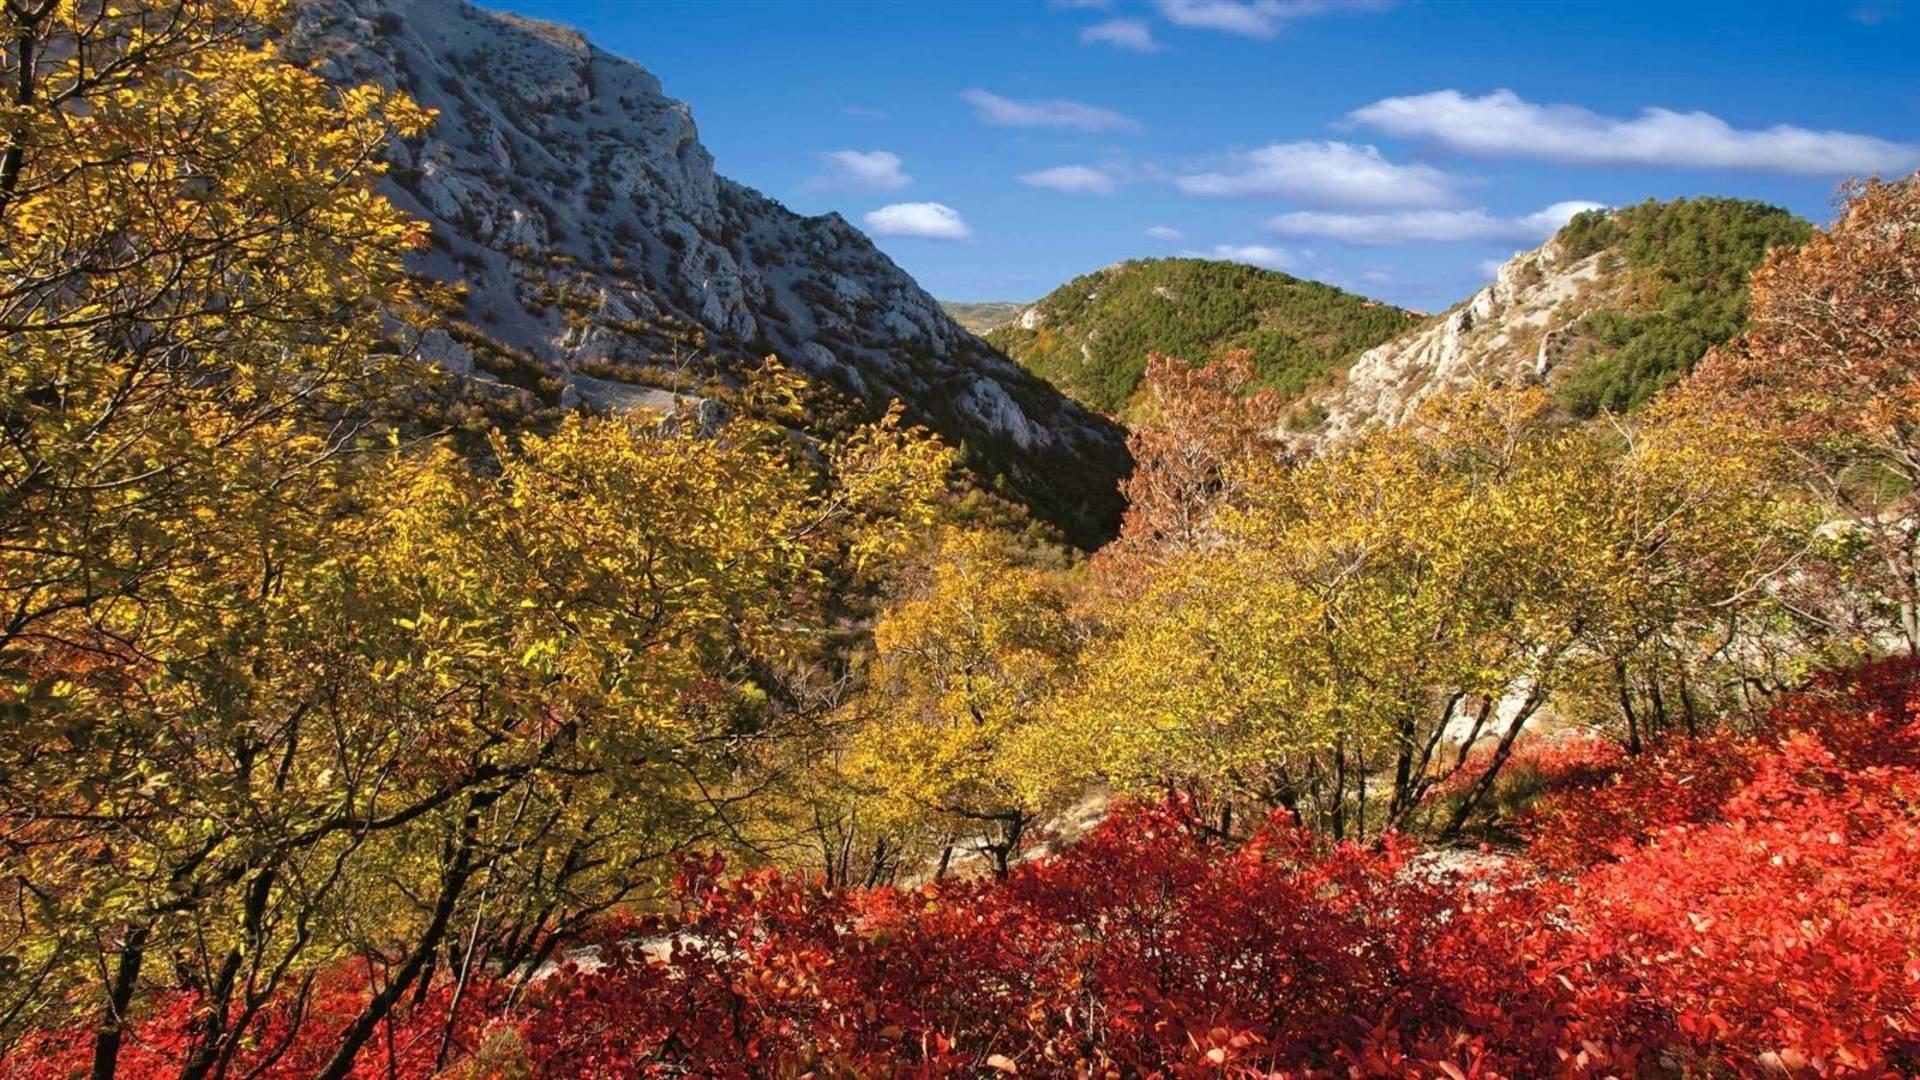 Val Rosandra. Einziger Taleinschnitt des Triestiner Karsts. Beeindruckt als Naturschutzgebiet mit zahlreichen Naturschönheiten und historischen Denkmälern.